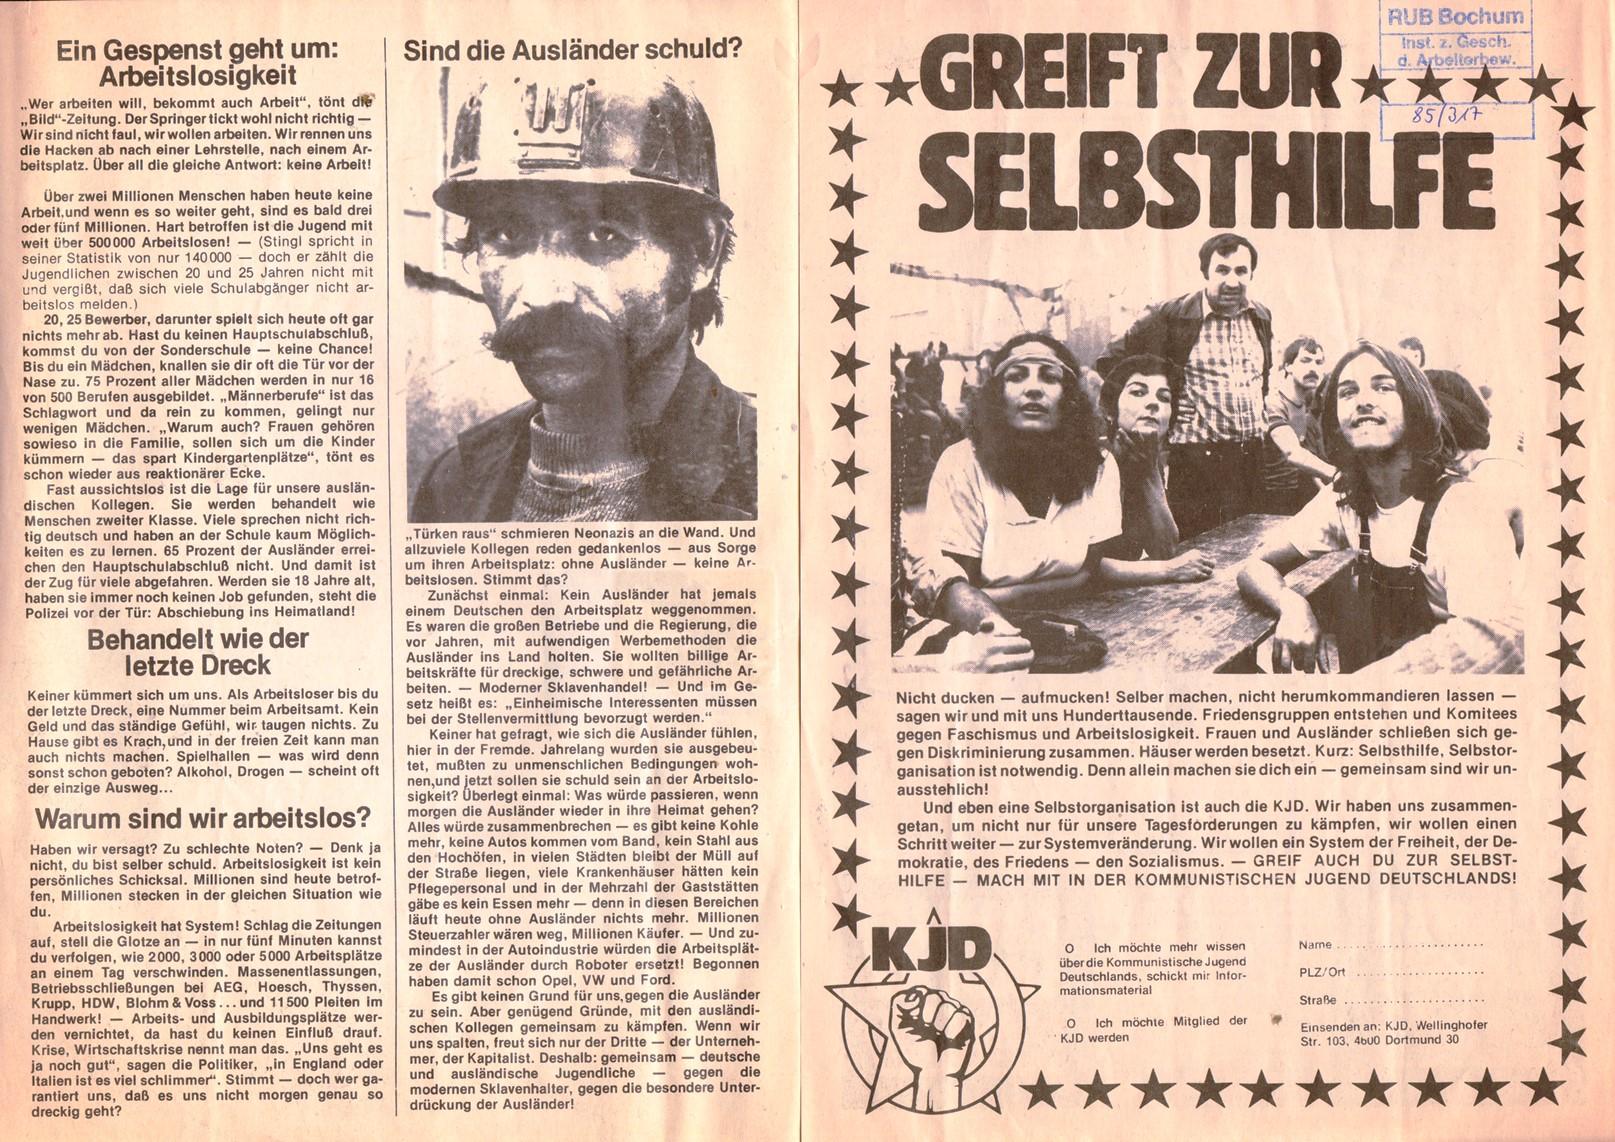 KJD_1982_Standpunkt_zur_Jugendarbeitslosigkeit_02